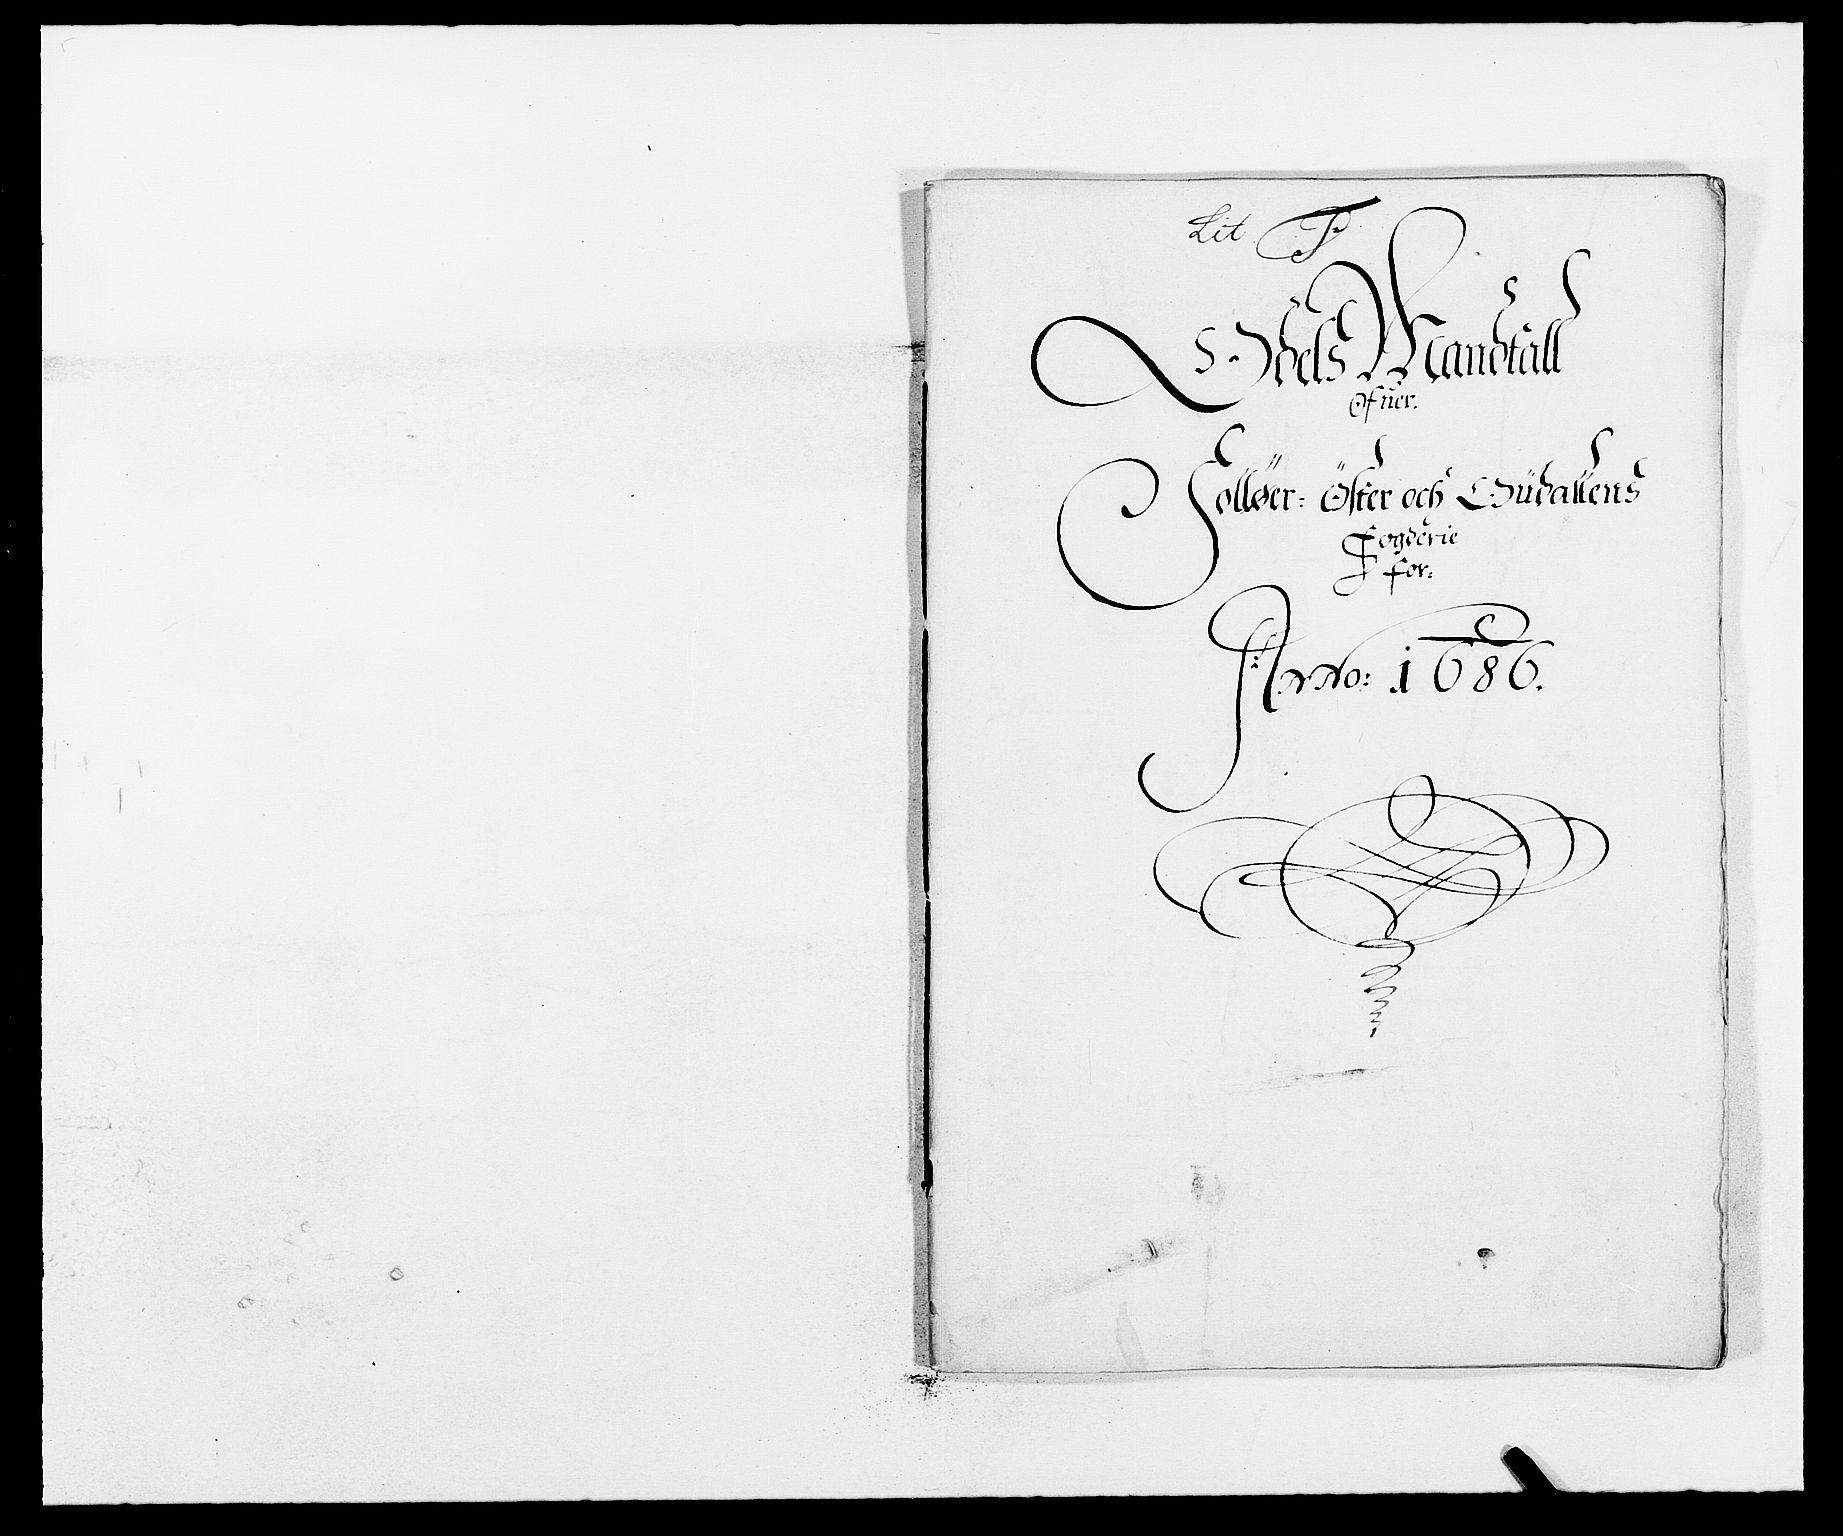 RA, Rentekammeret inntil 1814, Reviderte regnskaper, Fogderegnskap, R13/L0823: Fogderegnskap Solør, Odal og Østerdal, 1686, s. 204